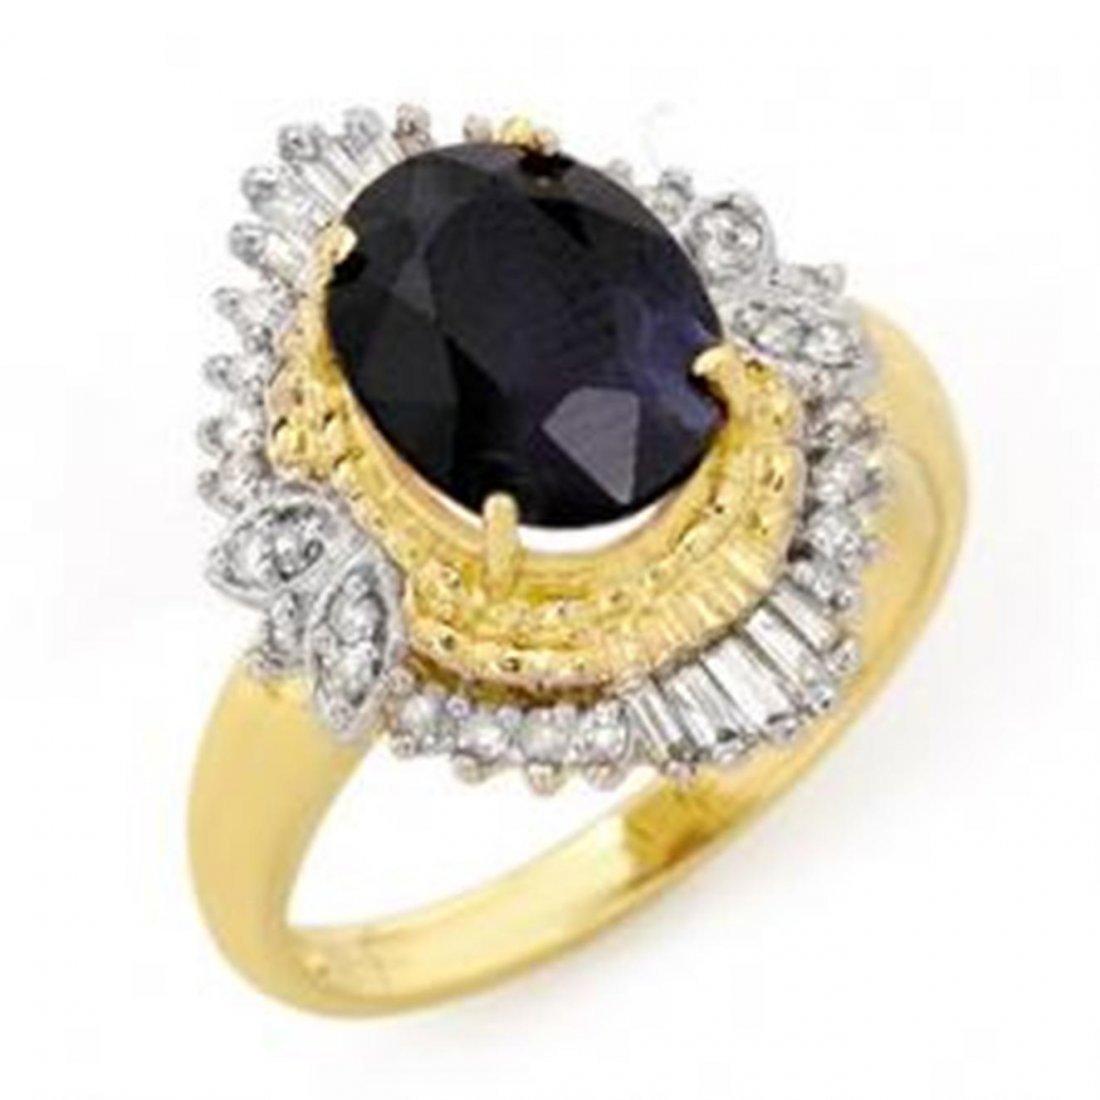 7F: 3.01ctw Sapphire & Diamond Ring